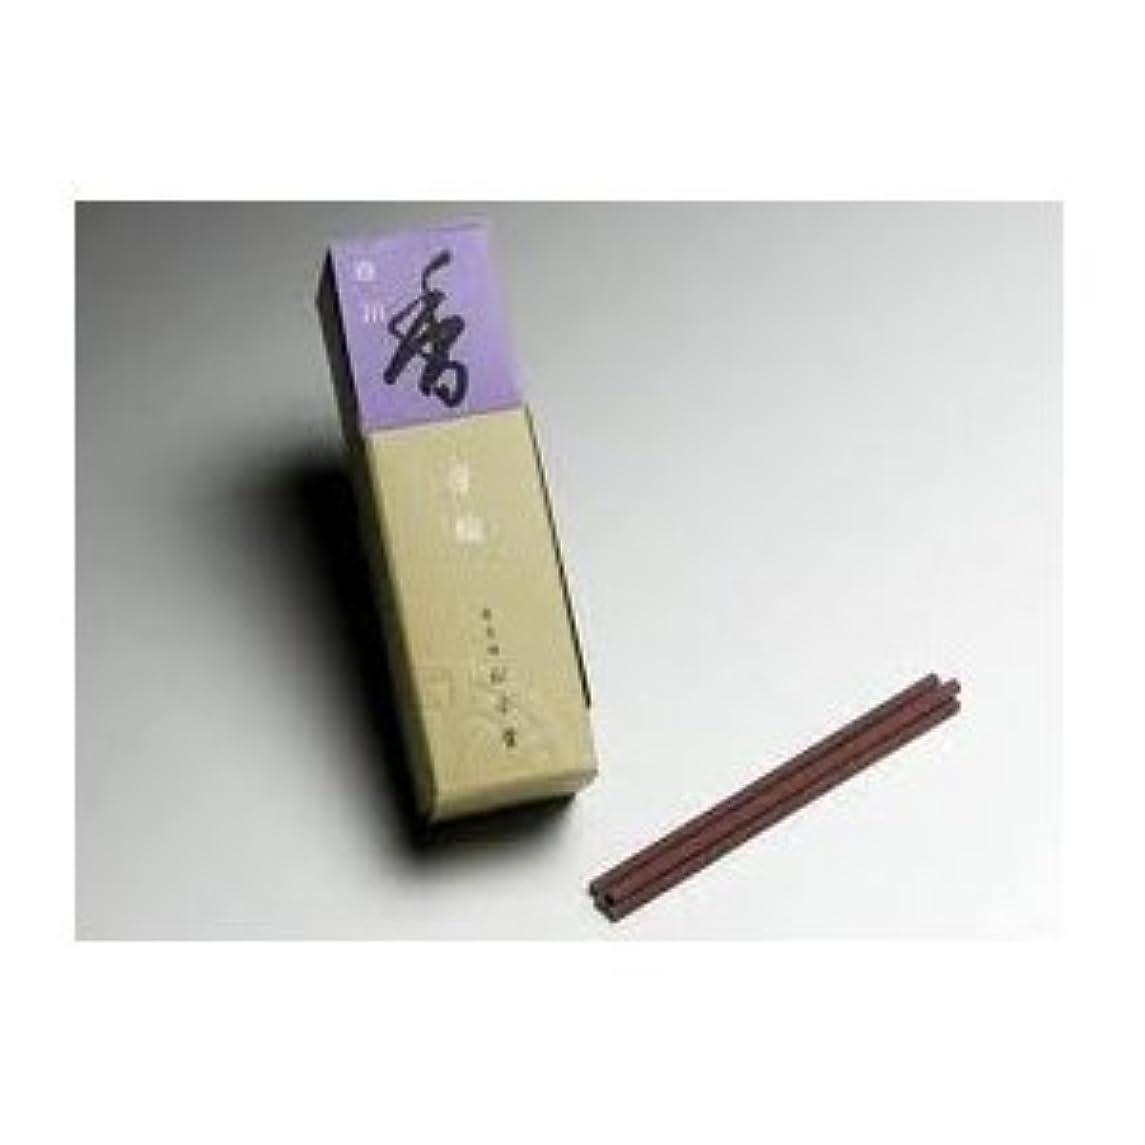 対処定期的プーノ松栄堂 芳輪 白川 スティック型 20本入